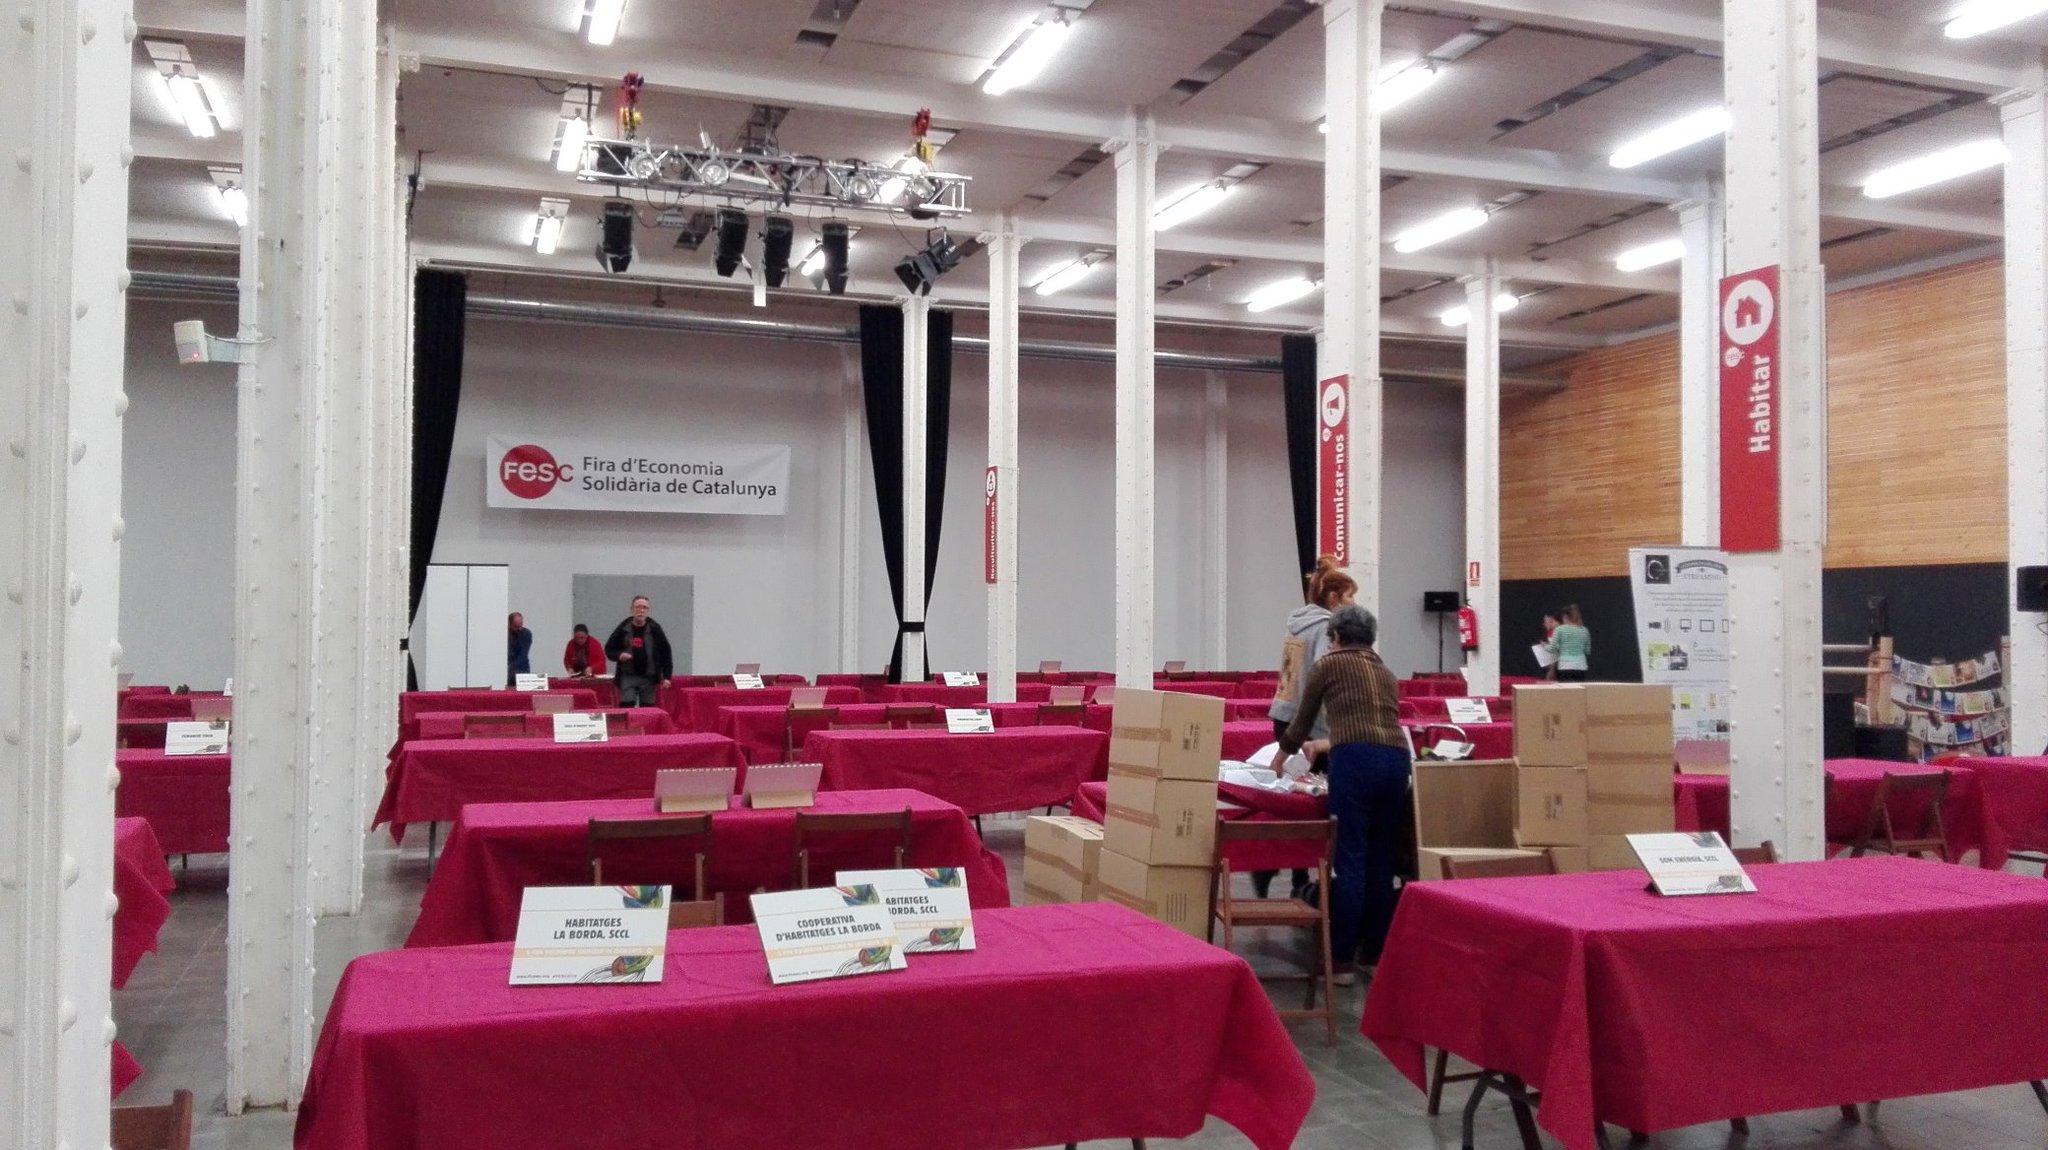 Tot a punt a la sala #ElissaGarcia de la #FESC2016 per a rebre les expositores. Som-hi que ja la tenim aquí! https://t.co/DOGSHnQgkZ